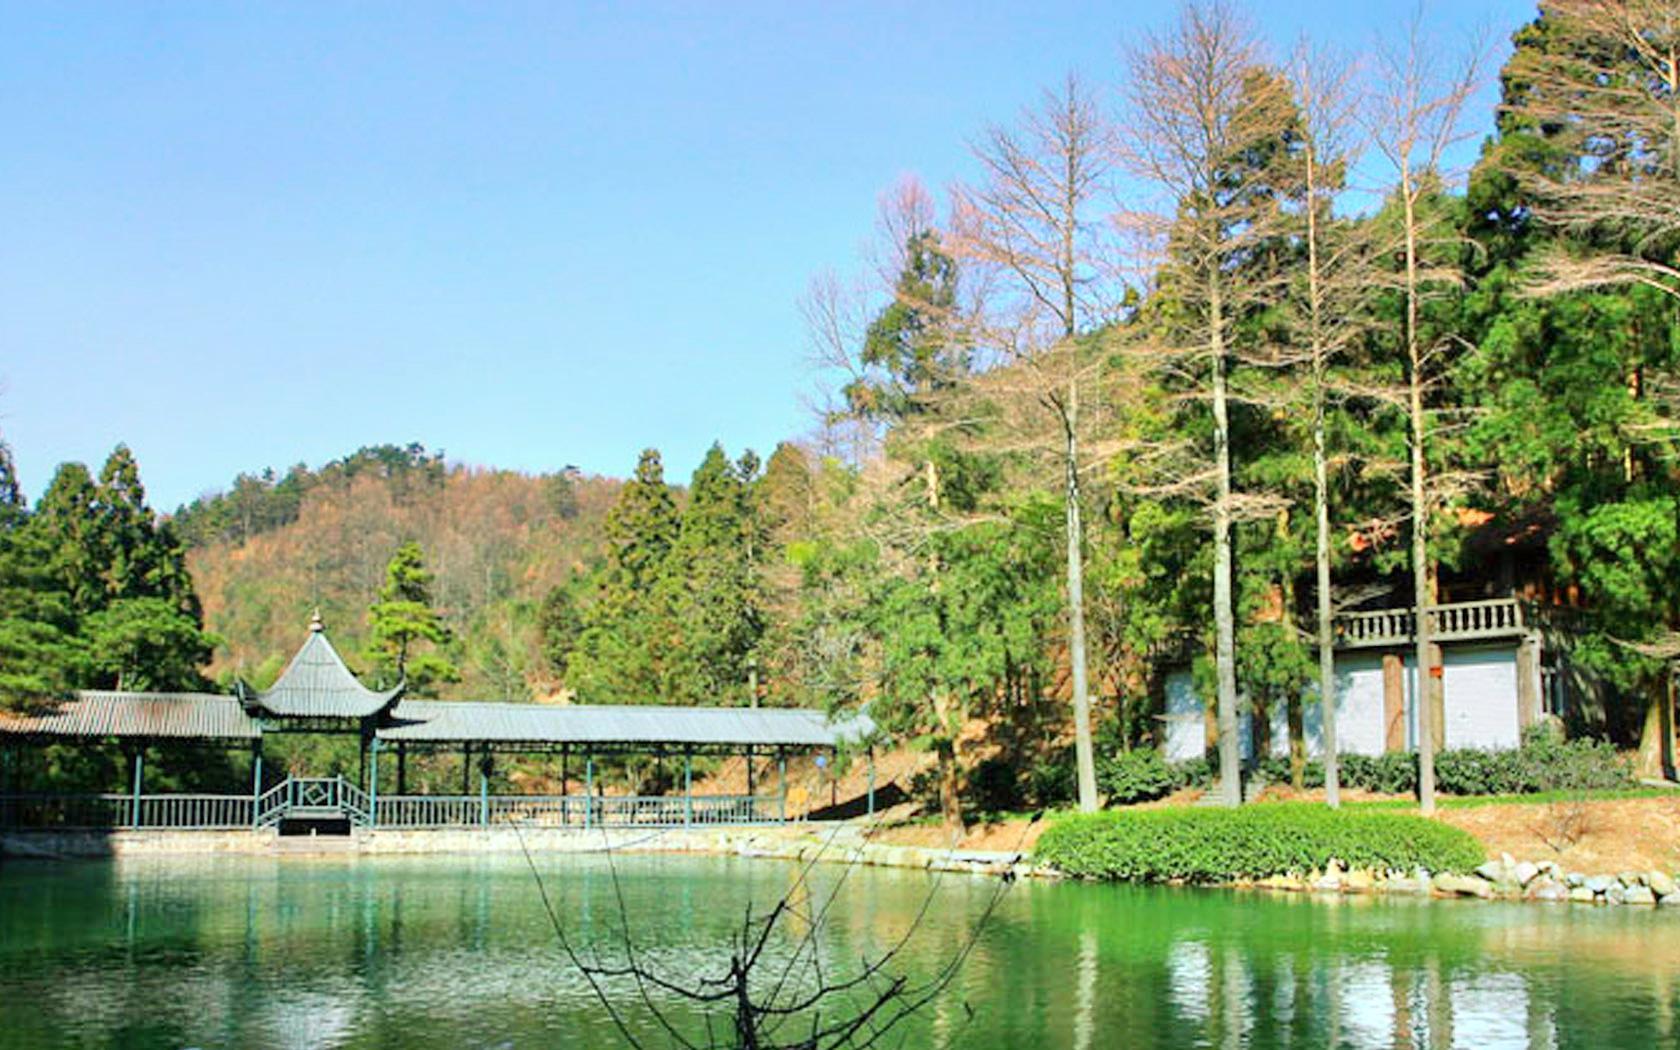 Shanglianggang Sceneic Area